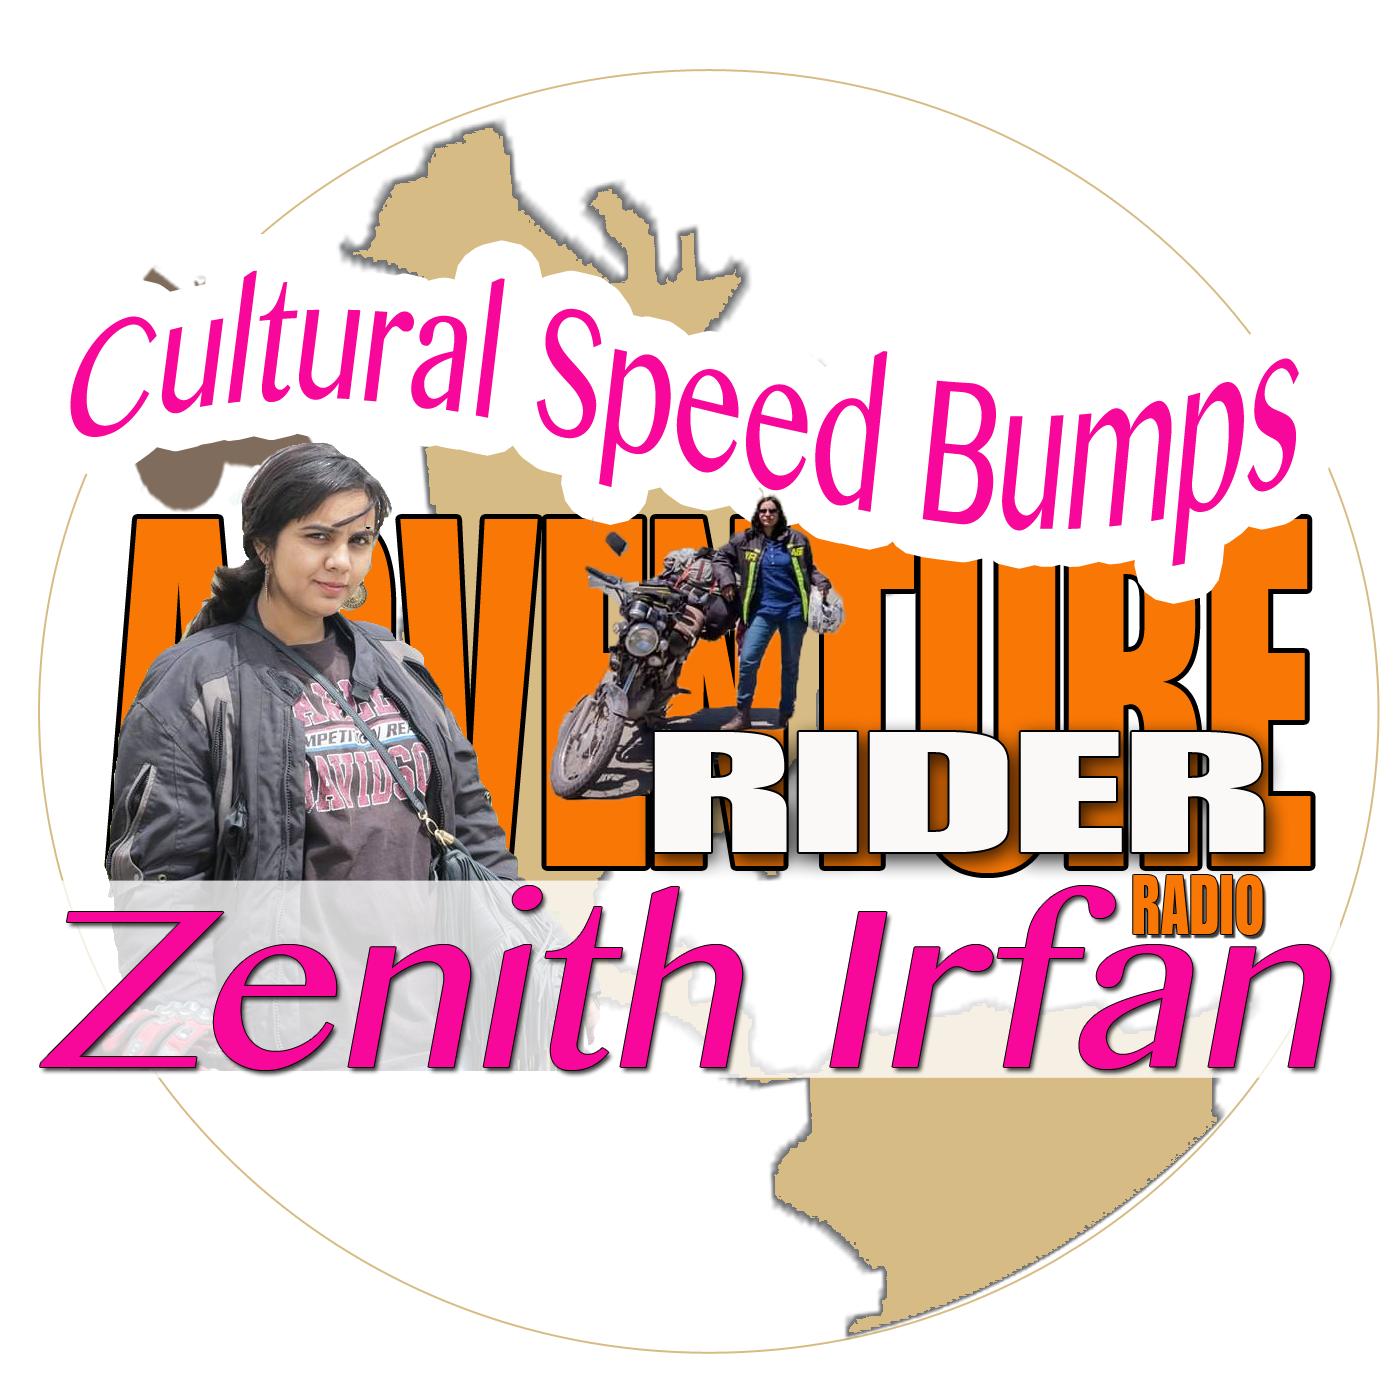 Zenith-Irfan-Adventure-Rider-Motorcycle-Pakistan